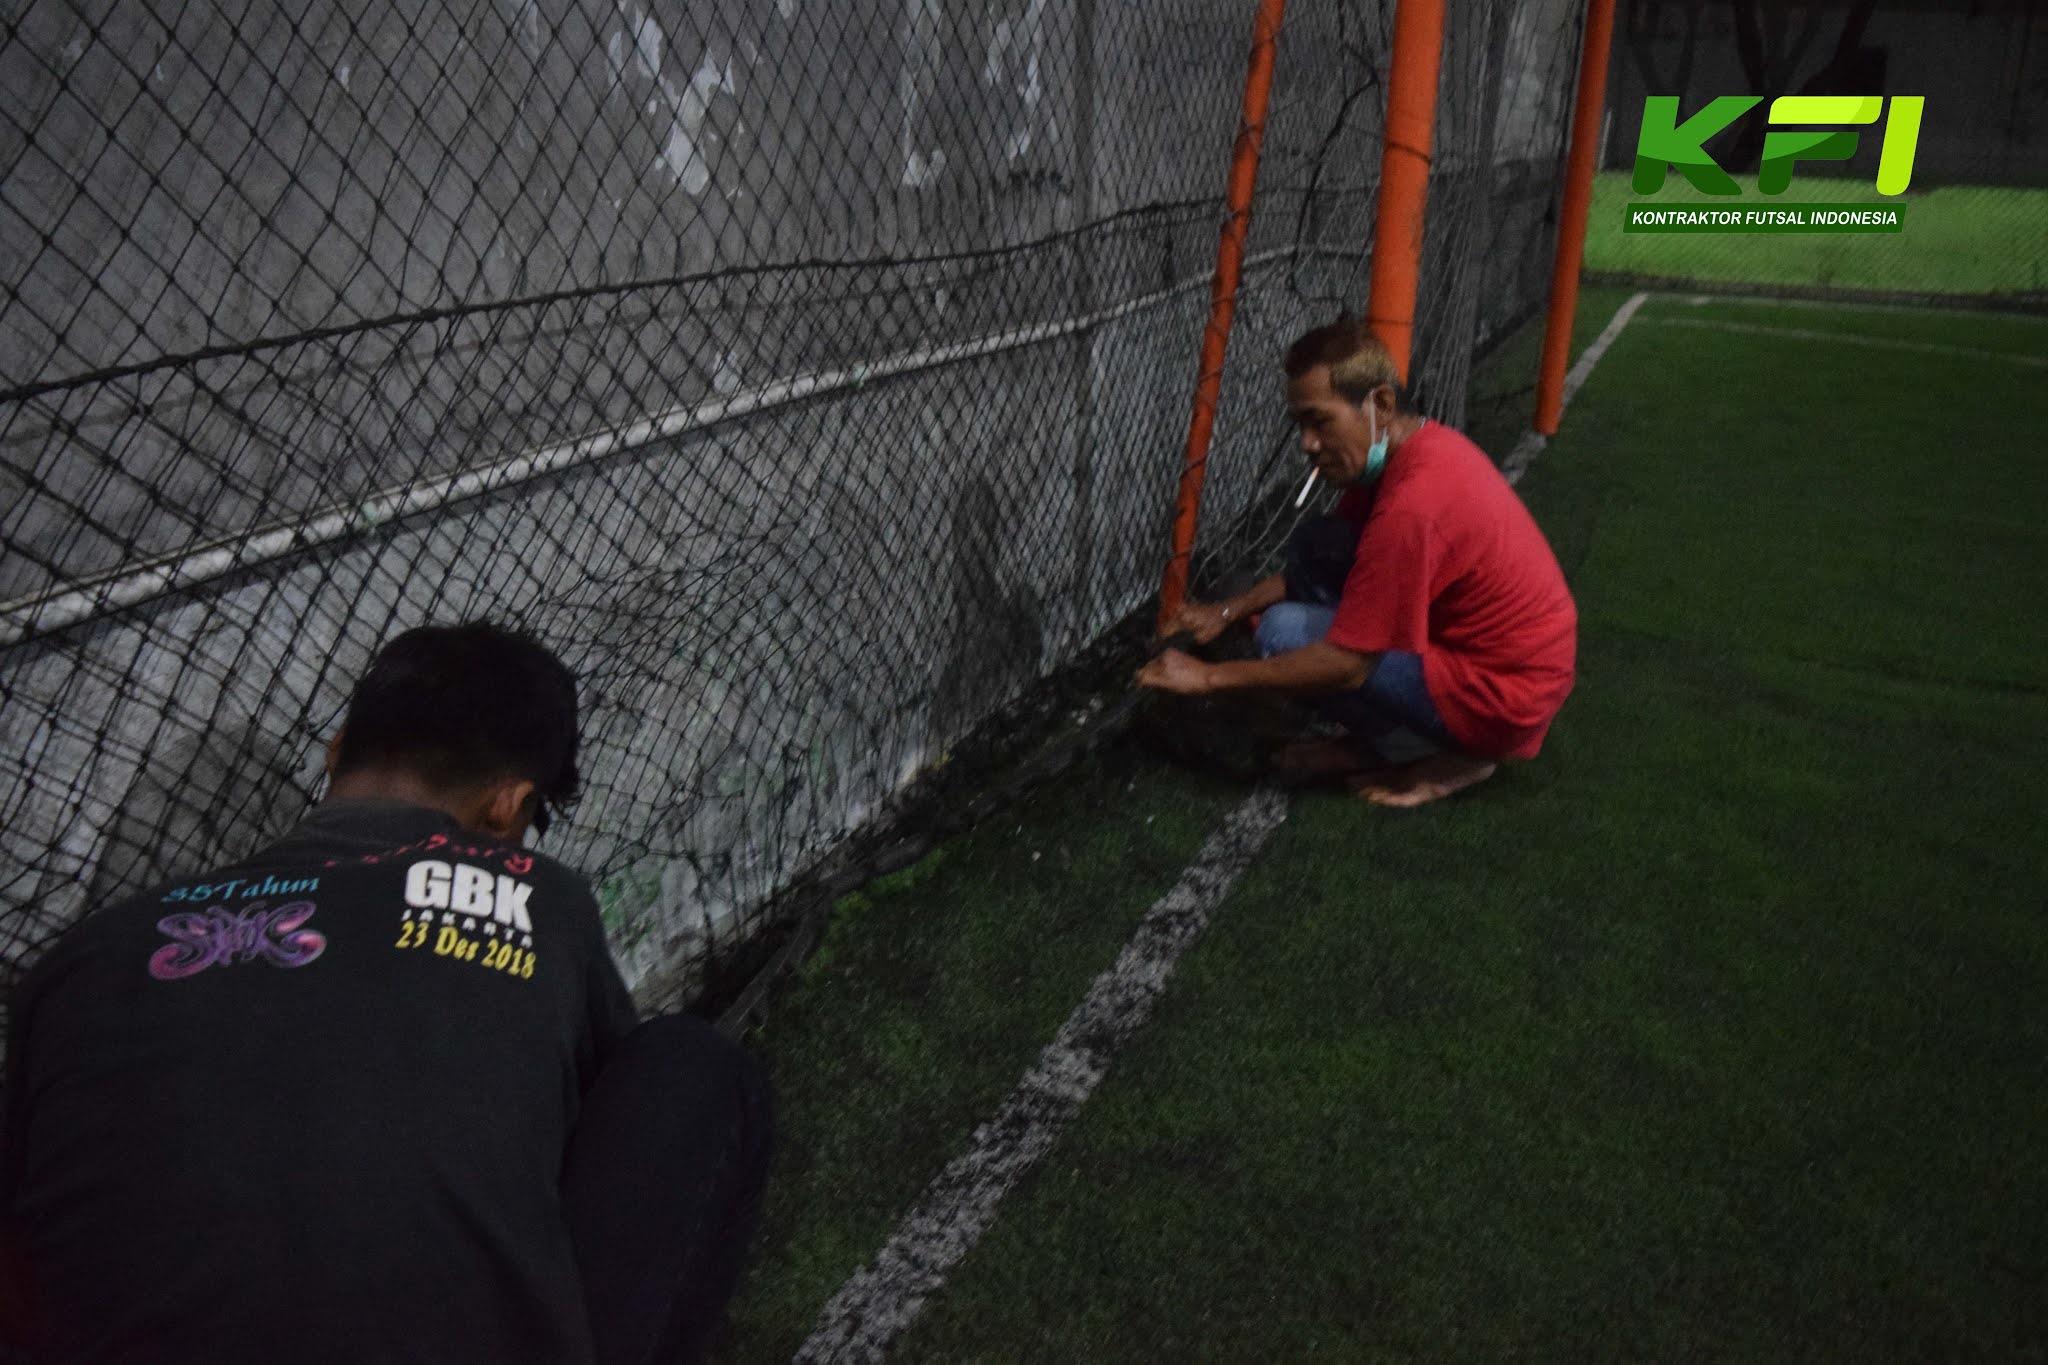 Proses Perbaikan Jaring Lapangan Futsal